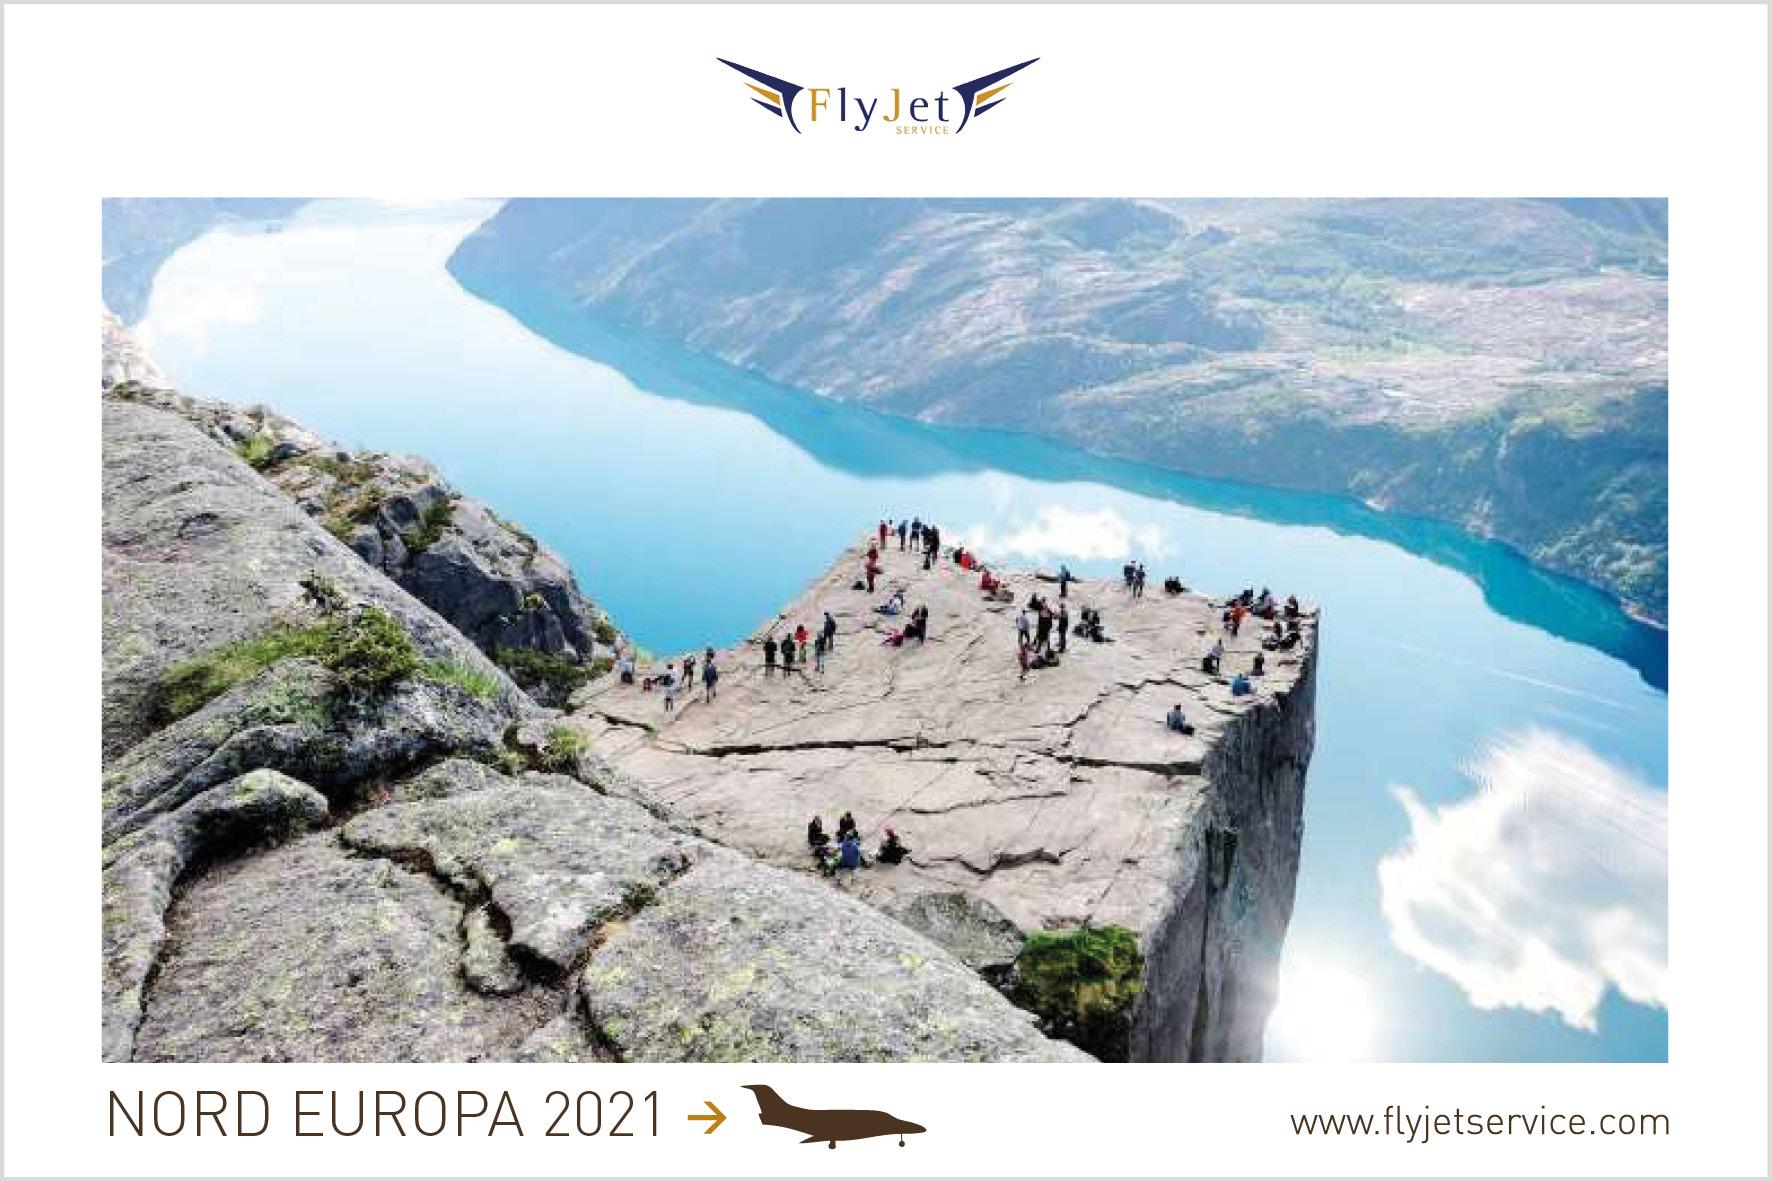 Il nord europa si prepara al meglio per un'estate sicura e divertente, tu preparati prenotando in anticipo il volo in jet privato.